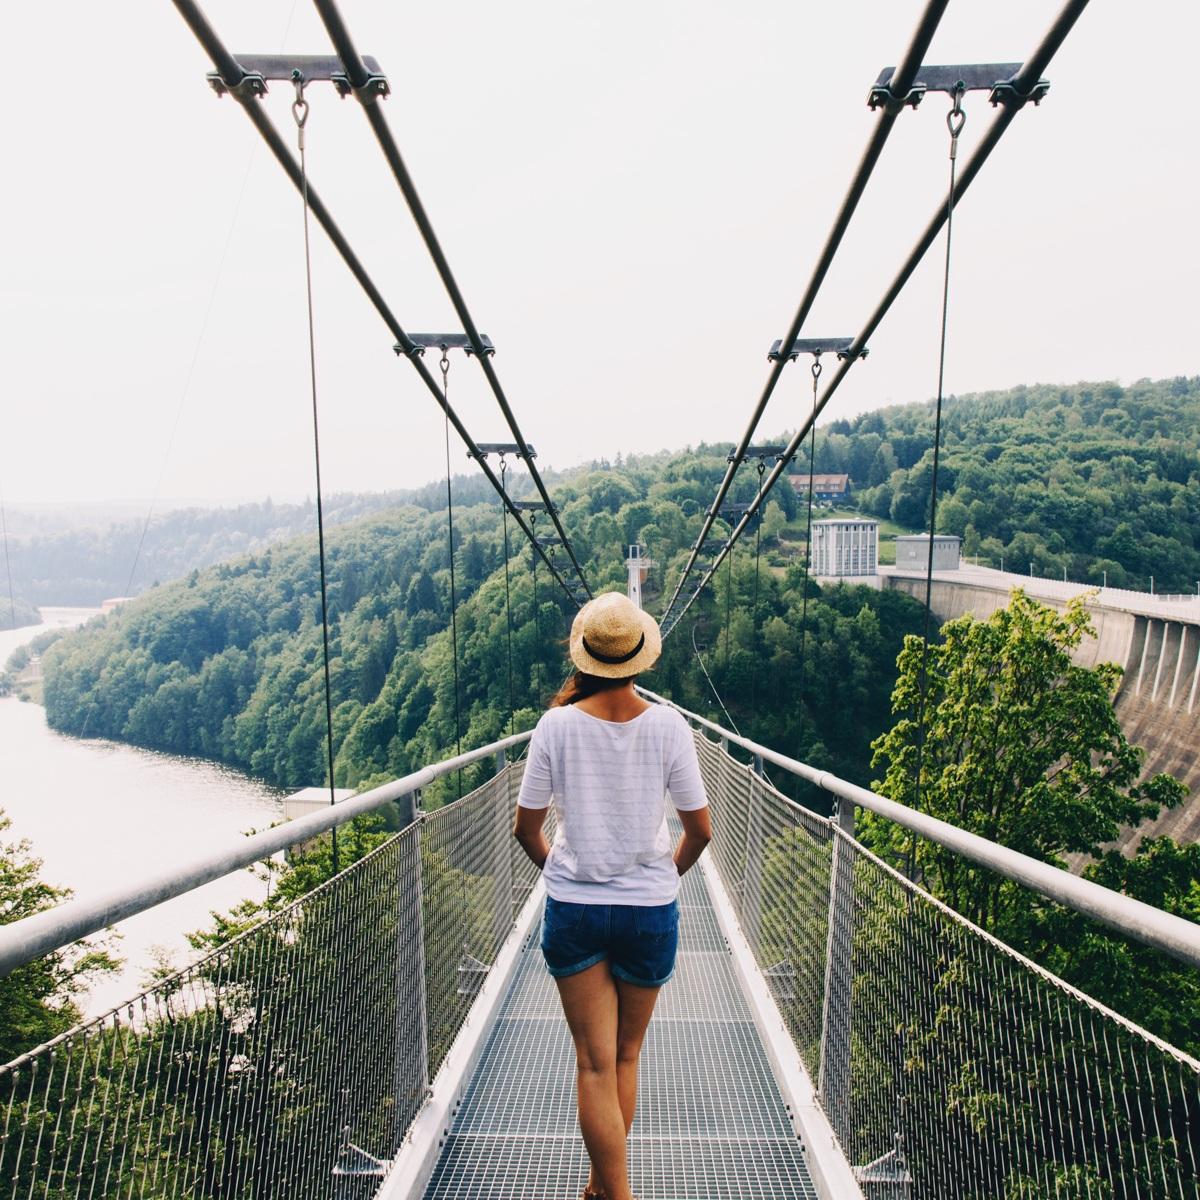 Juli Update - Auf der längsten Hängeseilbrücke der Welt im Harz